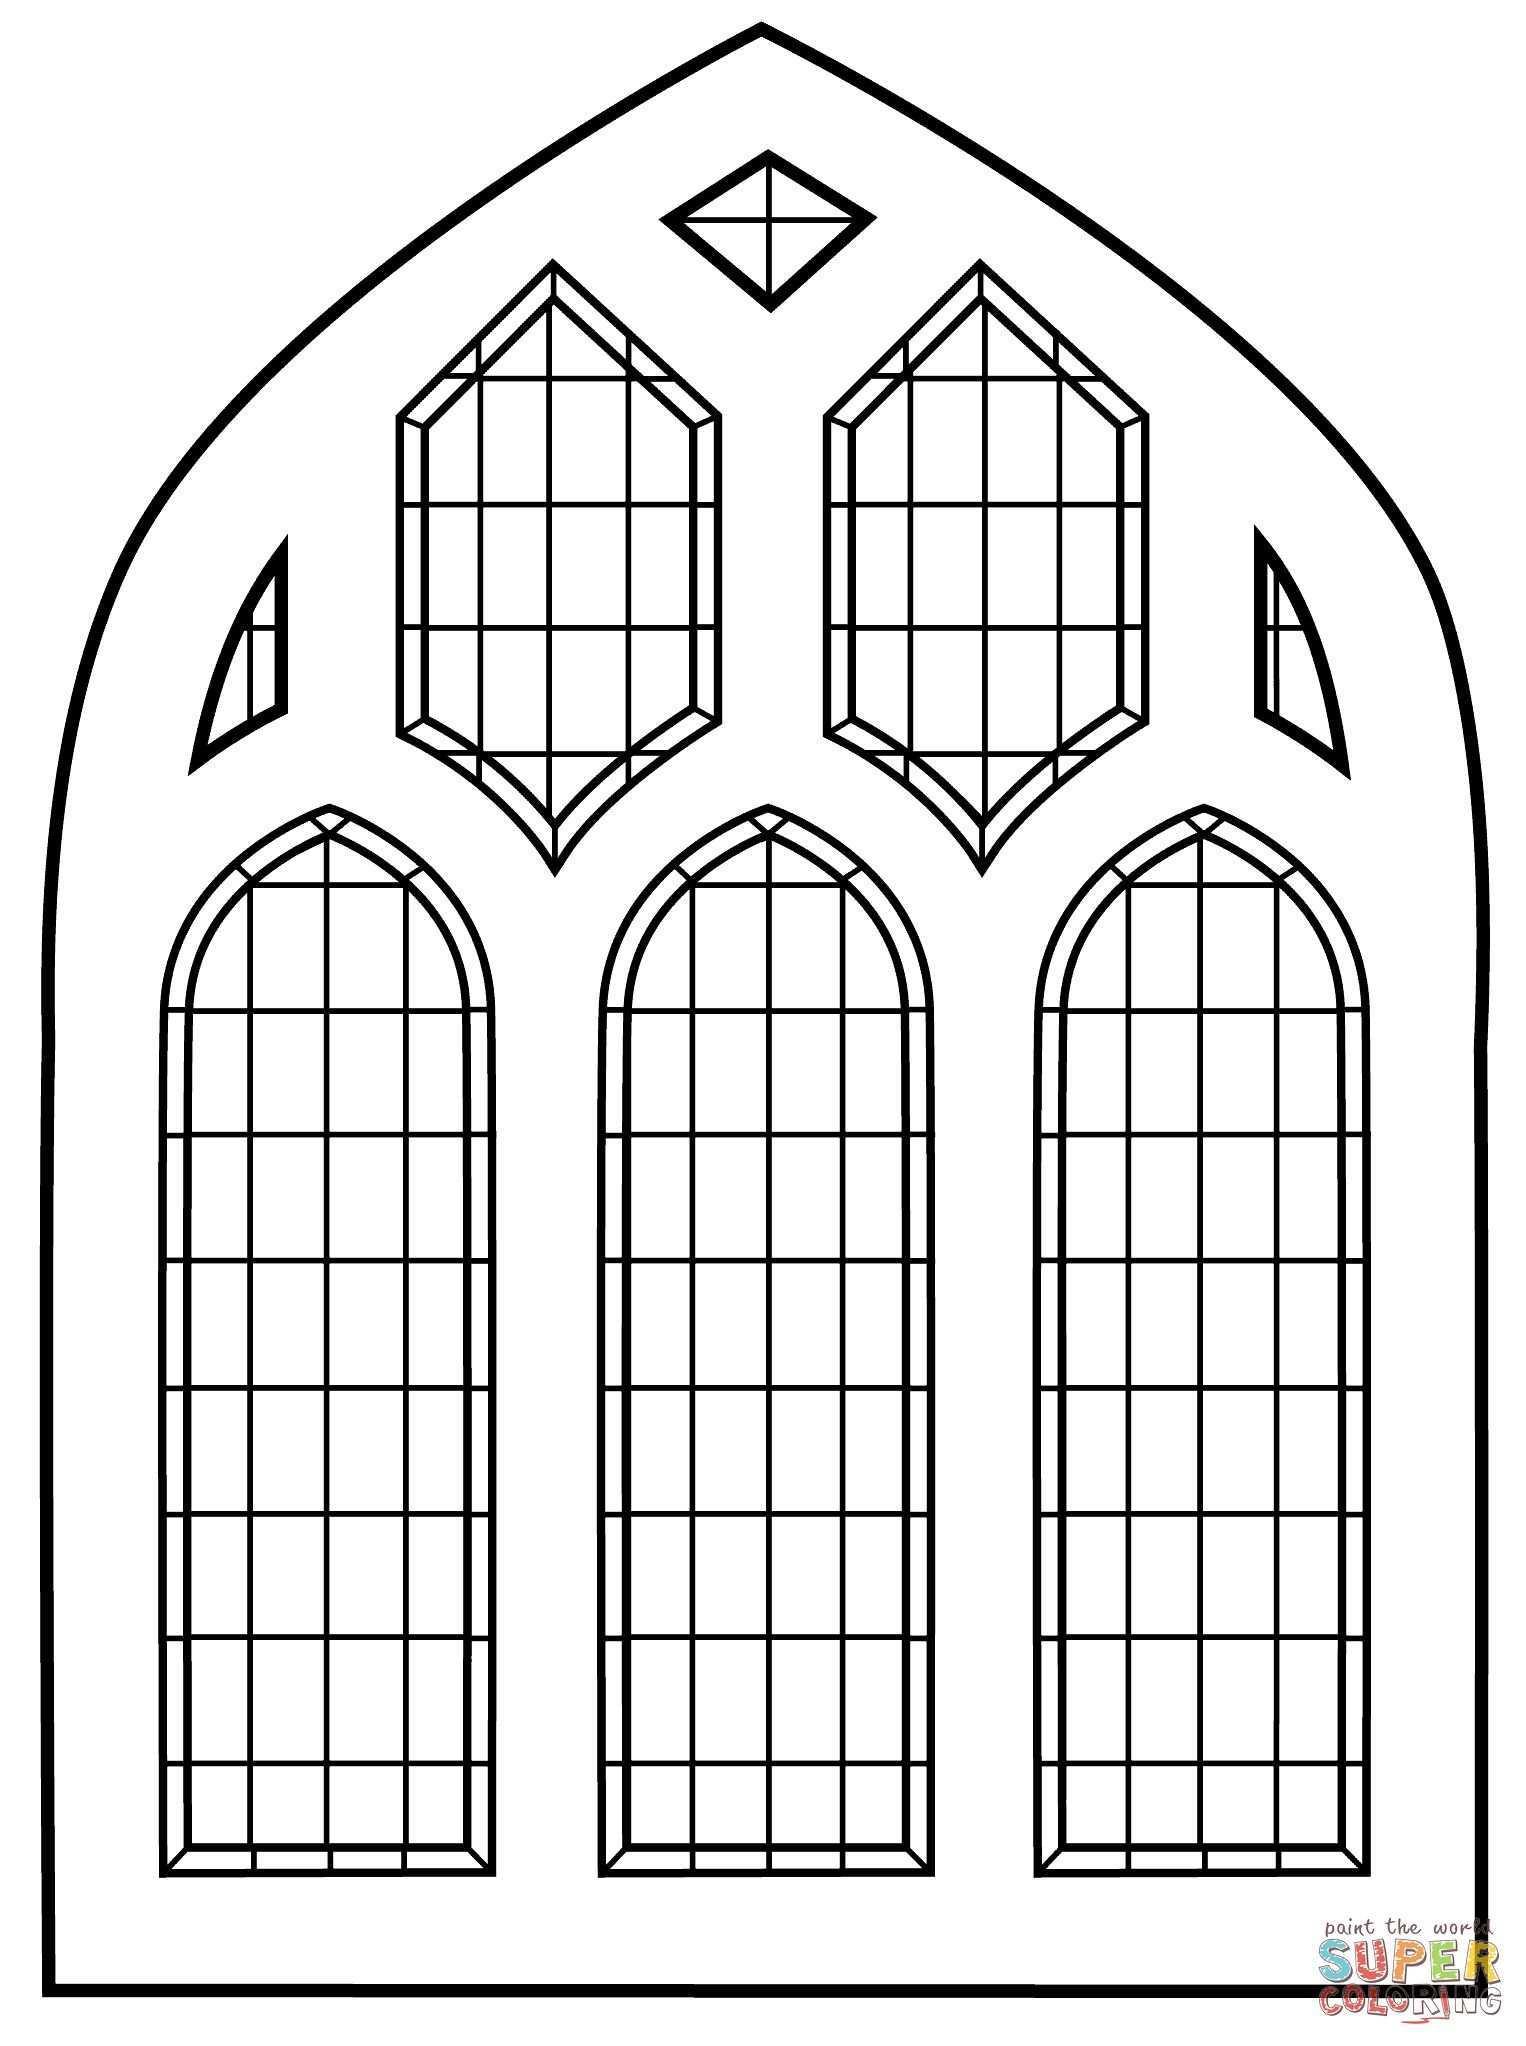 Ausmalbild Buntglas Fenster Ausmalbilder Kostenlos Zum Ausdrucken Innen Kirchenfenster Malvorlage Carsmalvorlage Tech Ausmalen Kirchenfenster Ausmalbild